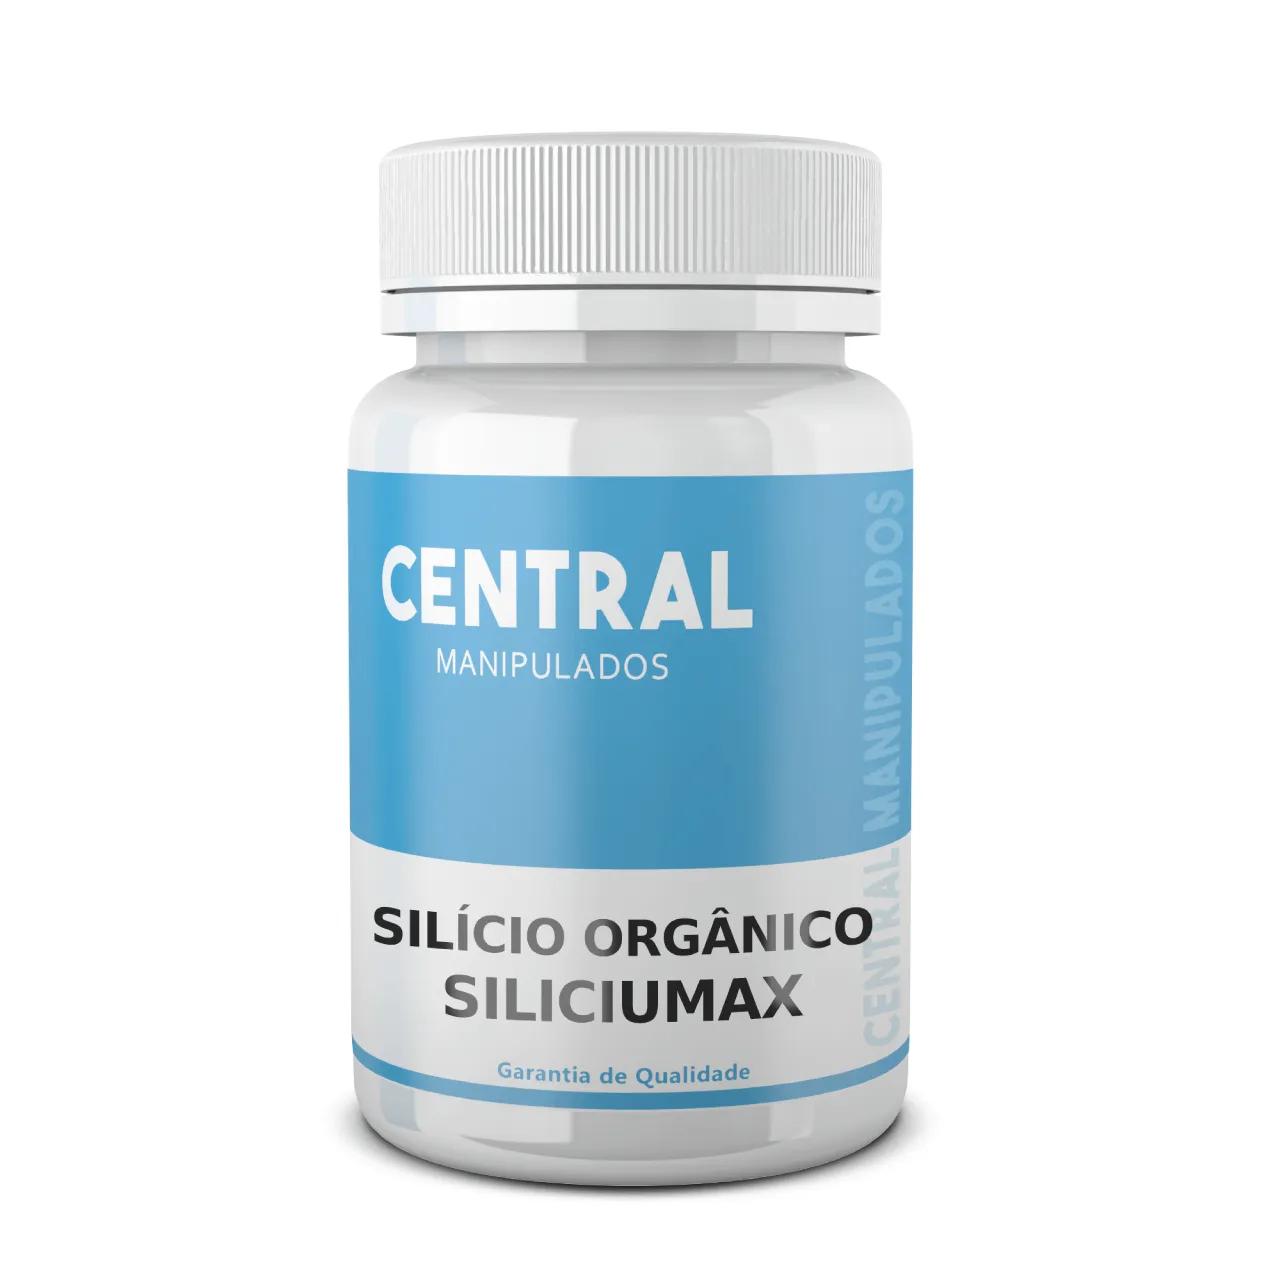 Silício Orgânico SiliciuMax 150mg - 90 CÁPSULAS - Revitalização de Cabelos e Unhas, Pele mais Jovem, Ossos mais Fortes.